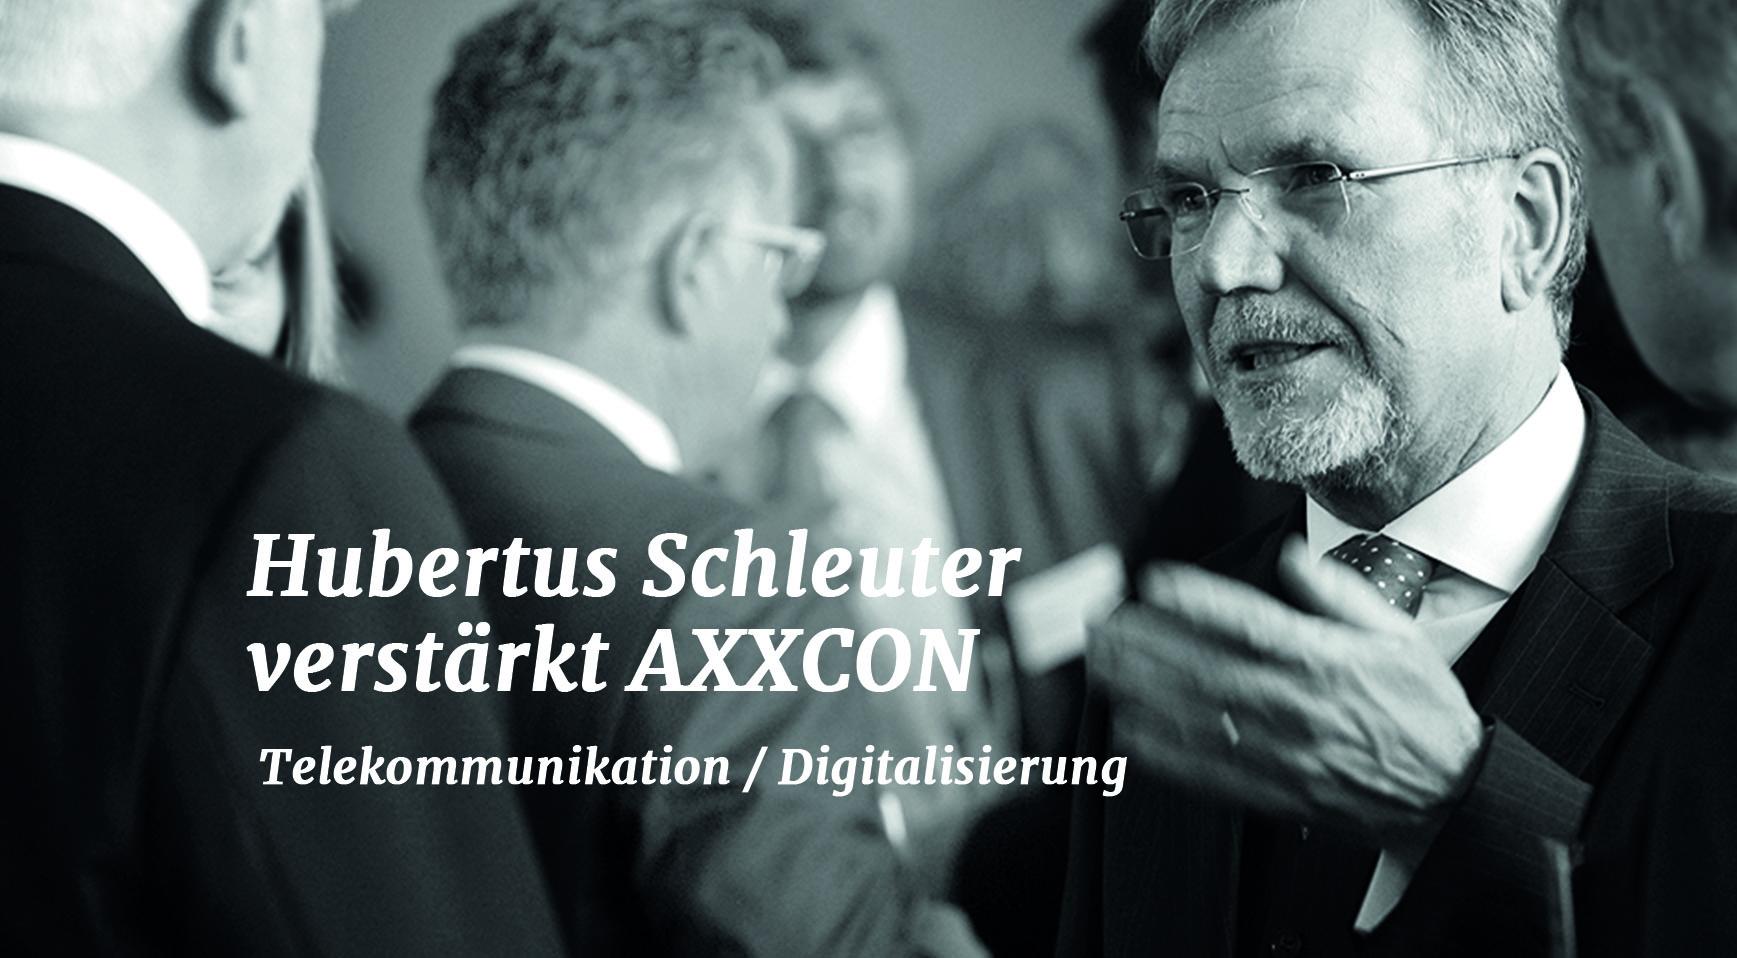 AXXCON wächst: Hubertus Schleuter